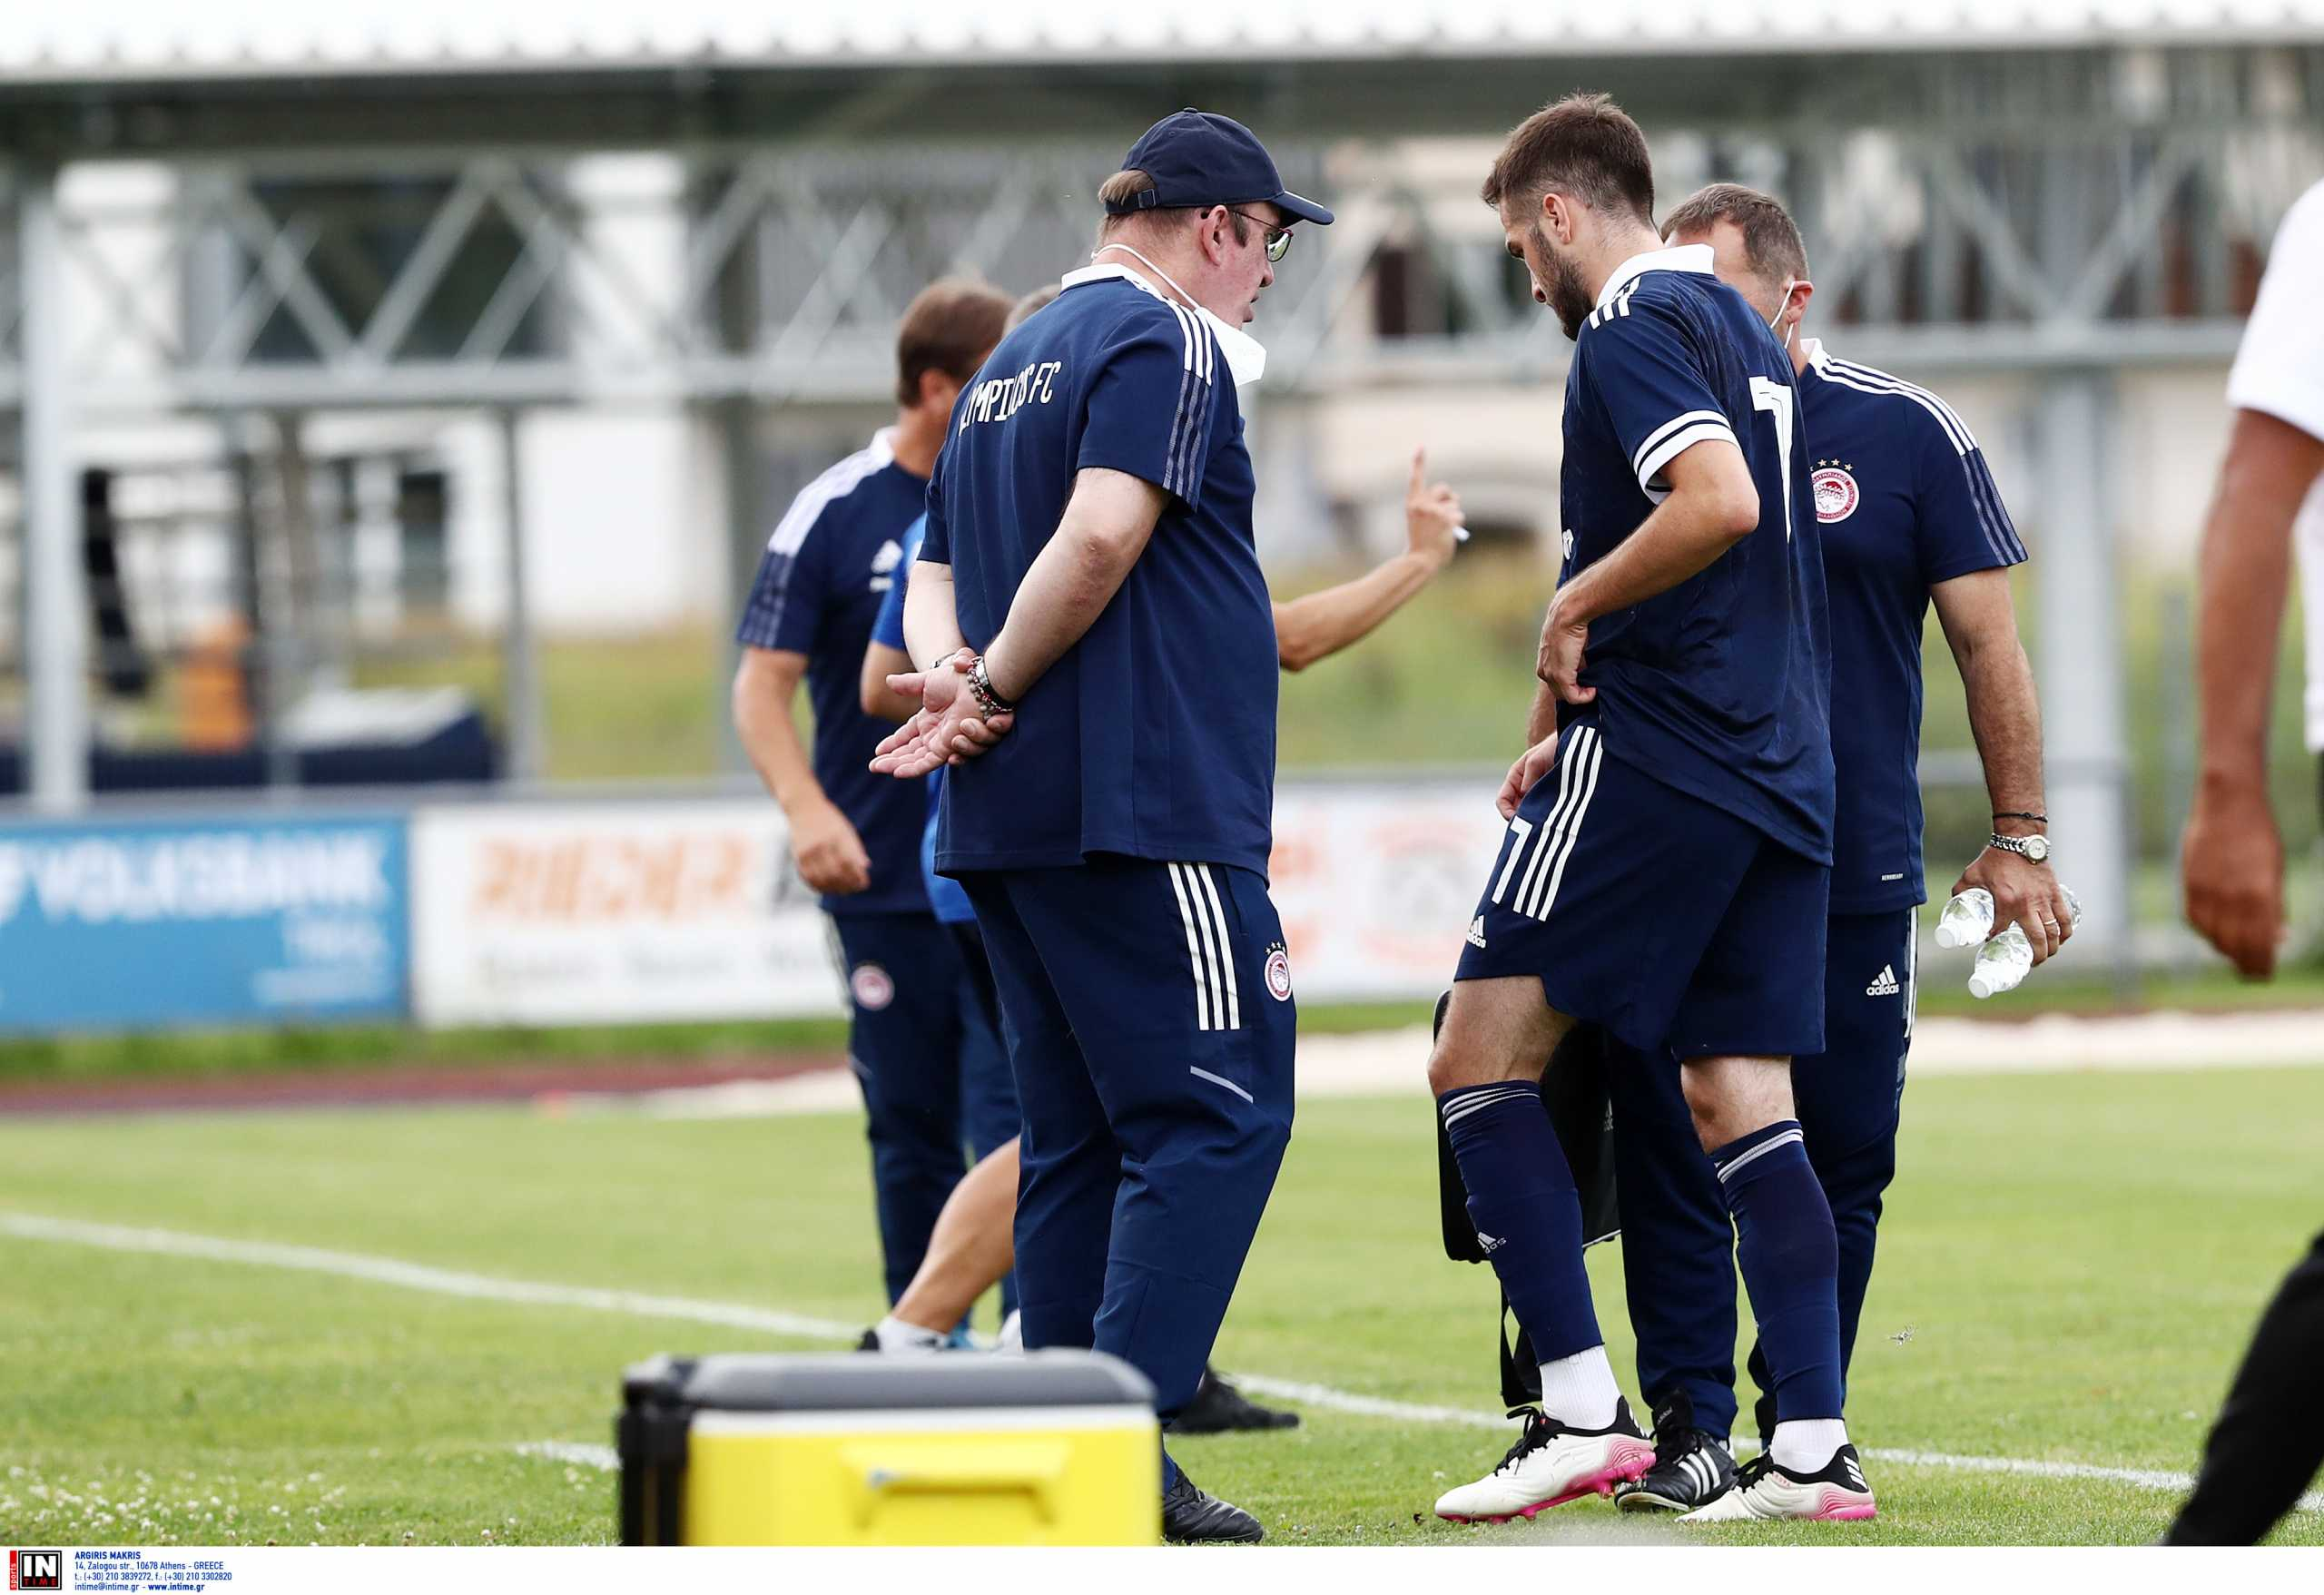 Ολυμπιακός: Αποχώρησε τραυματίας ο Φορτούνης από το φιλικό με την Βόλφσμπέργκερ